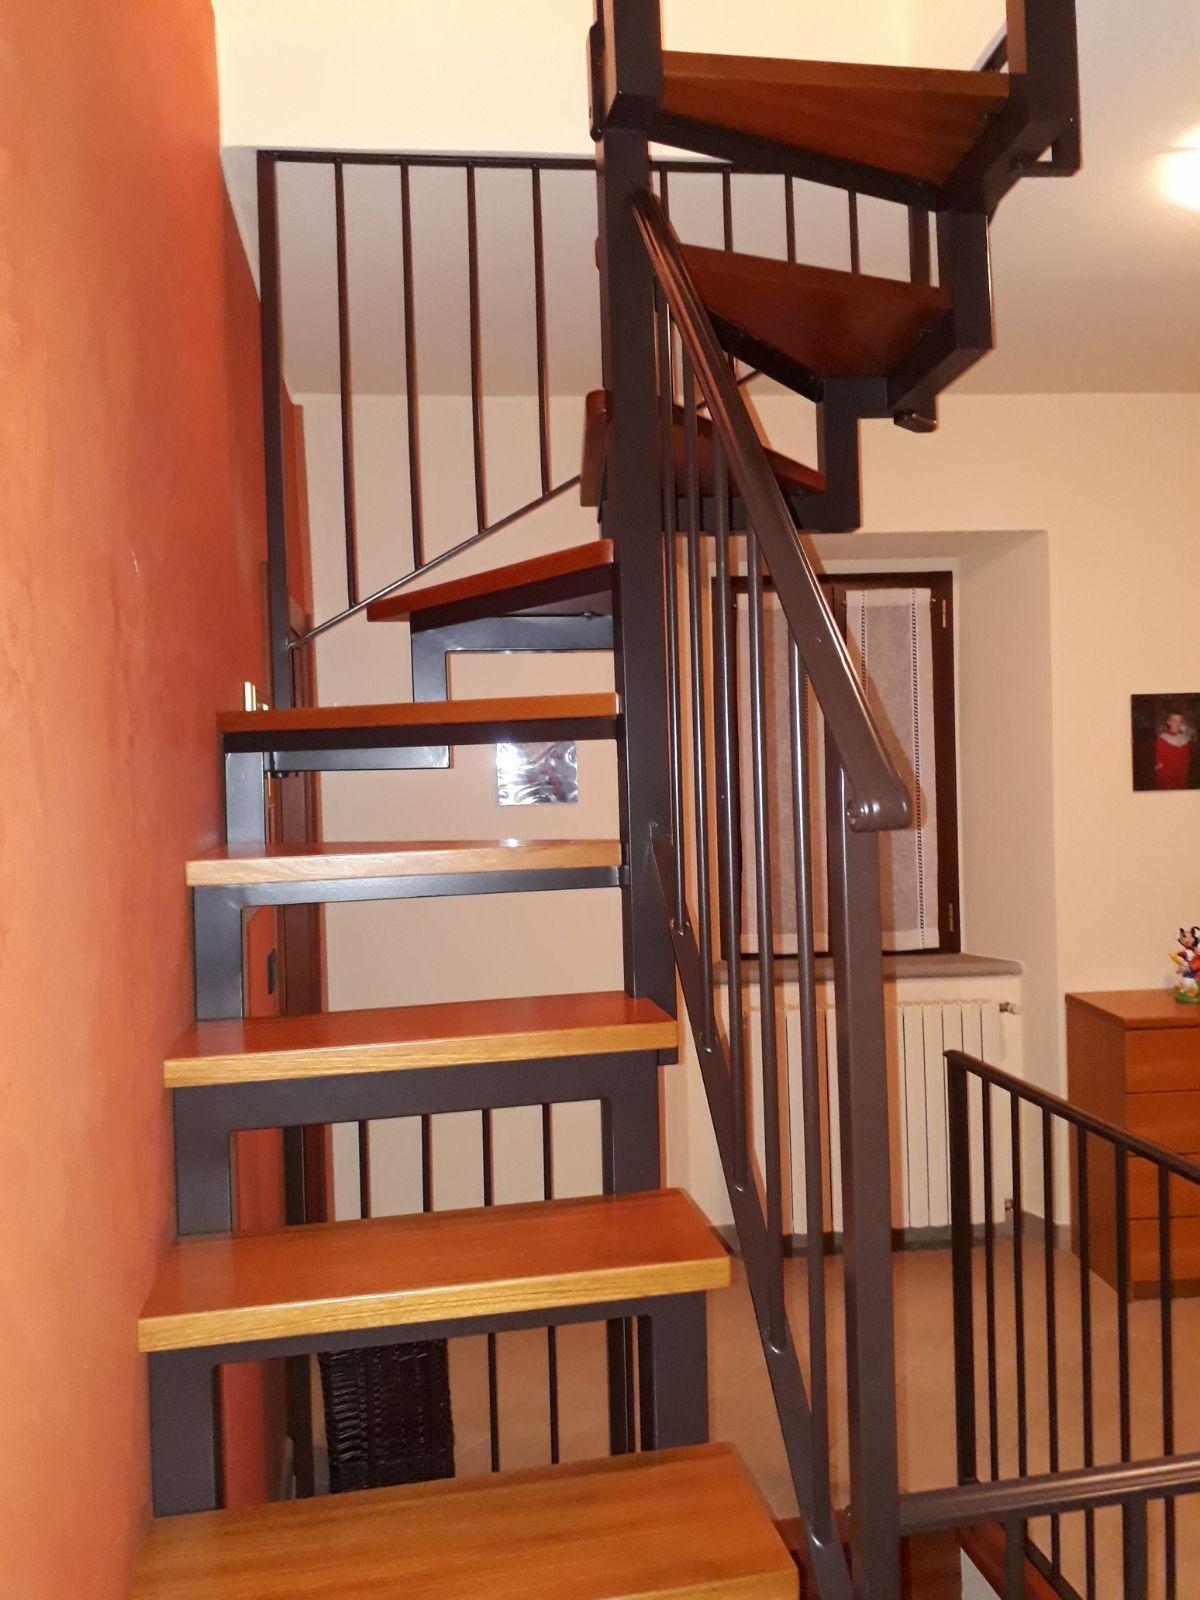 Installazione scala interna in ferro e legno casteldelci gabrielli infissi - Scala interna in ferro ...